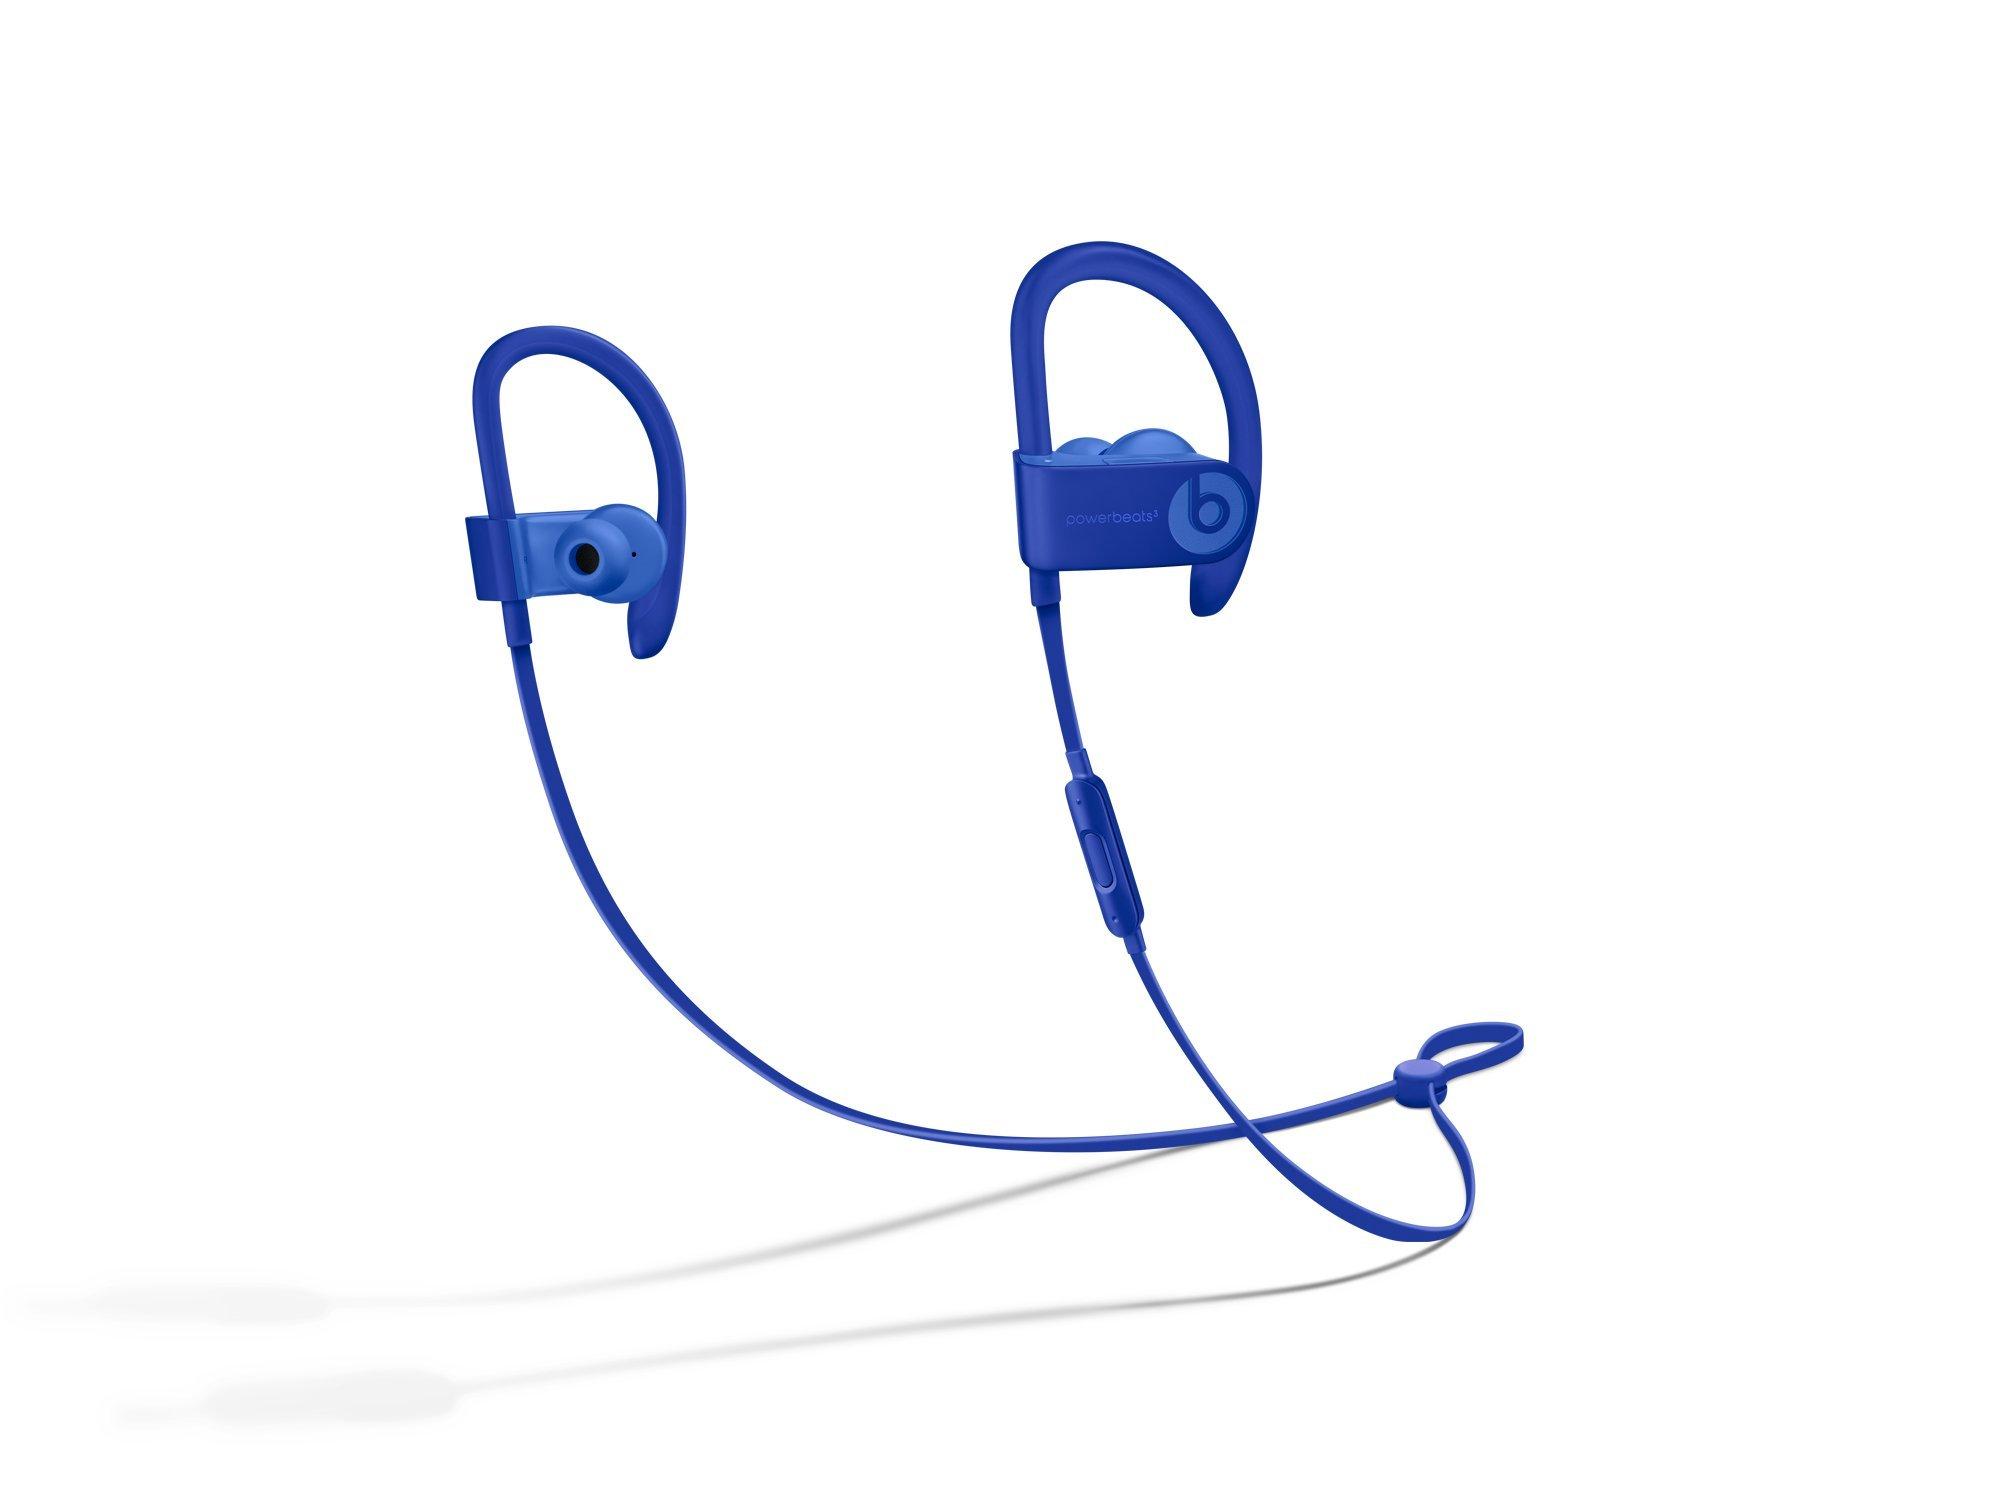 Beats Powerbeats3 Series Wireless Ear-Hook Headphones - Break Blue (MQ362LL/A) - (Renewed)